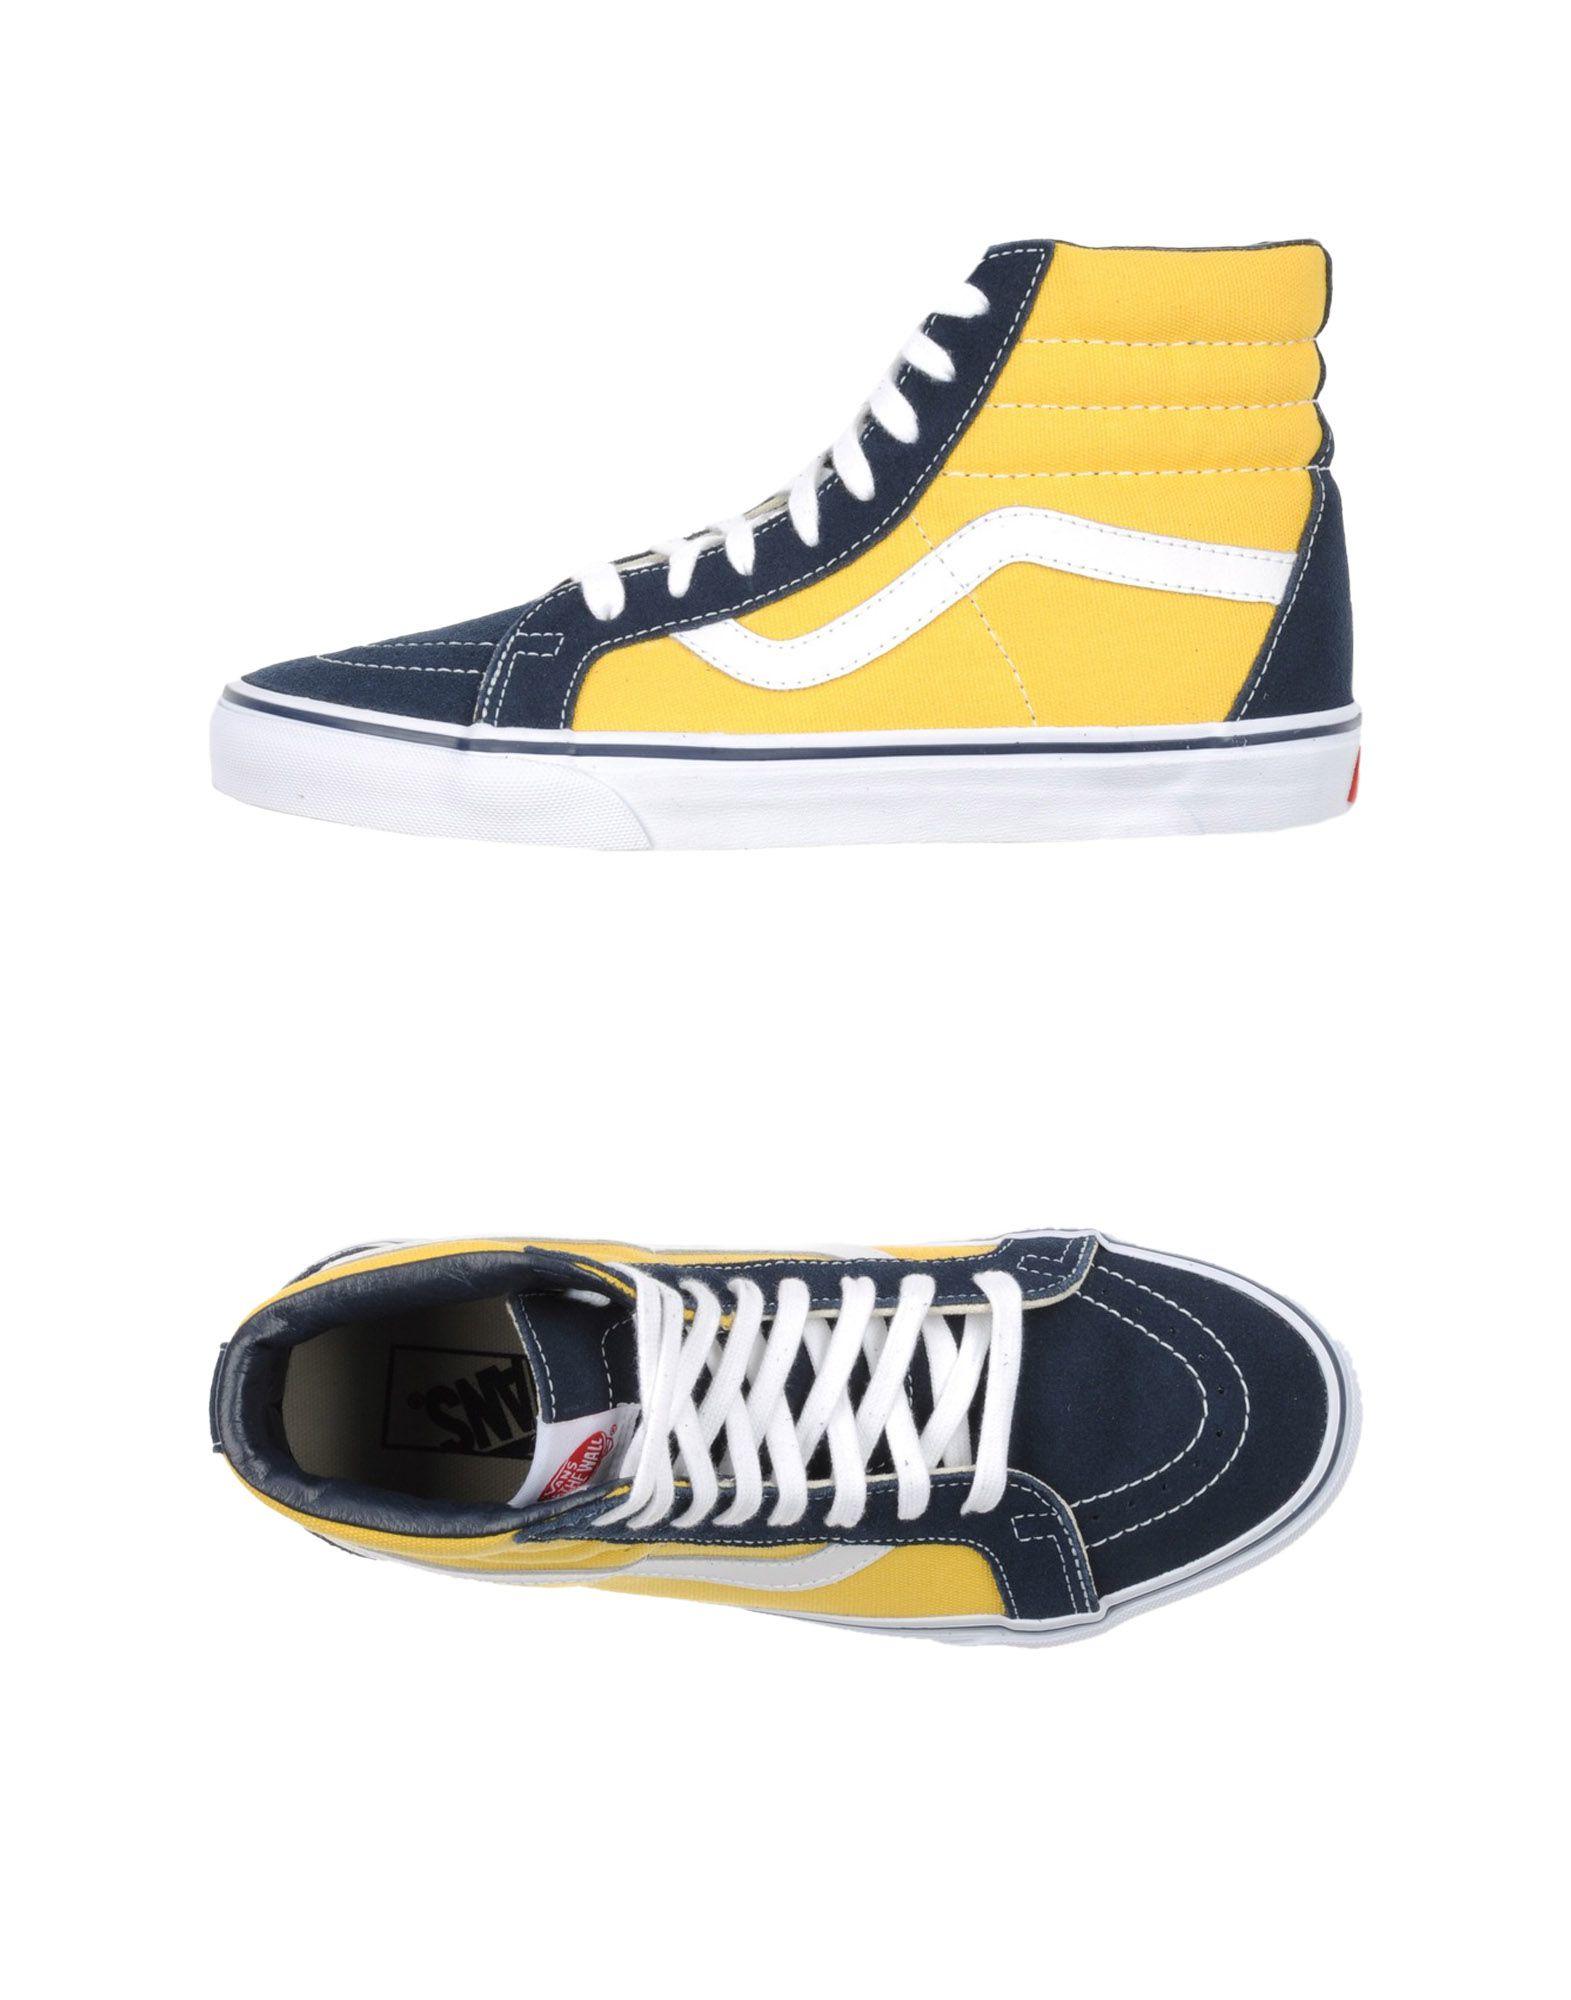 Vans High-tops \u0026 Trainers in Yellow